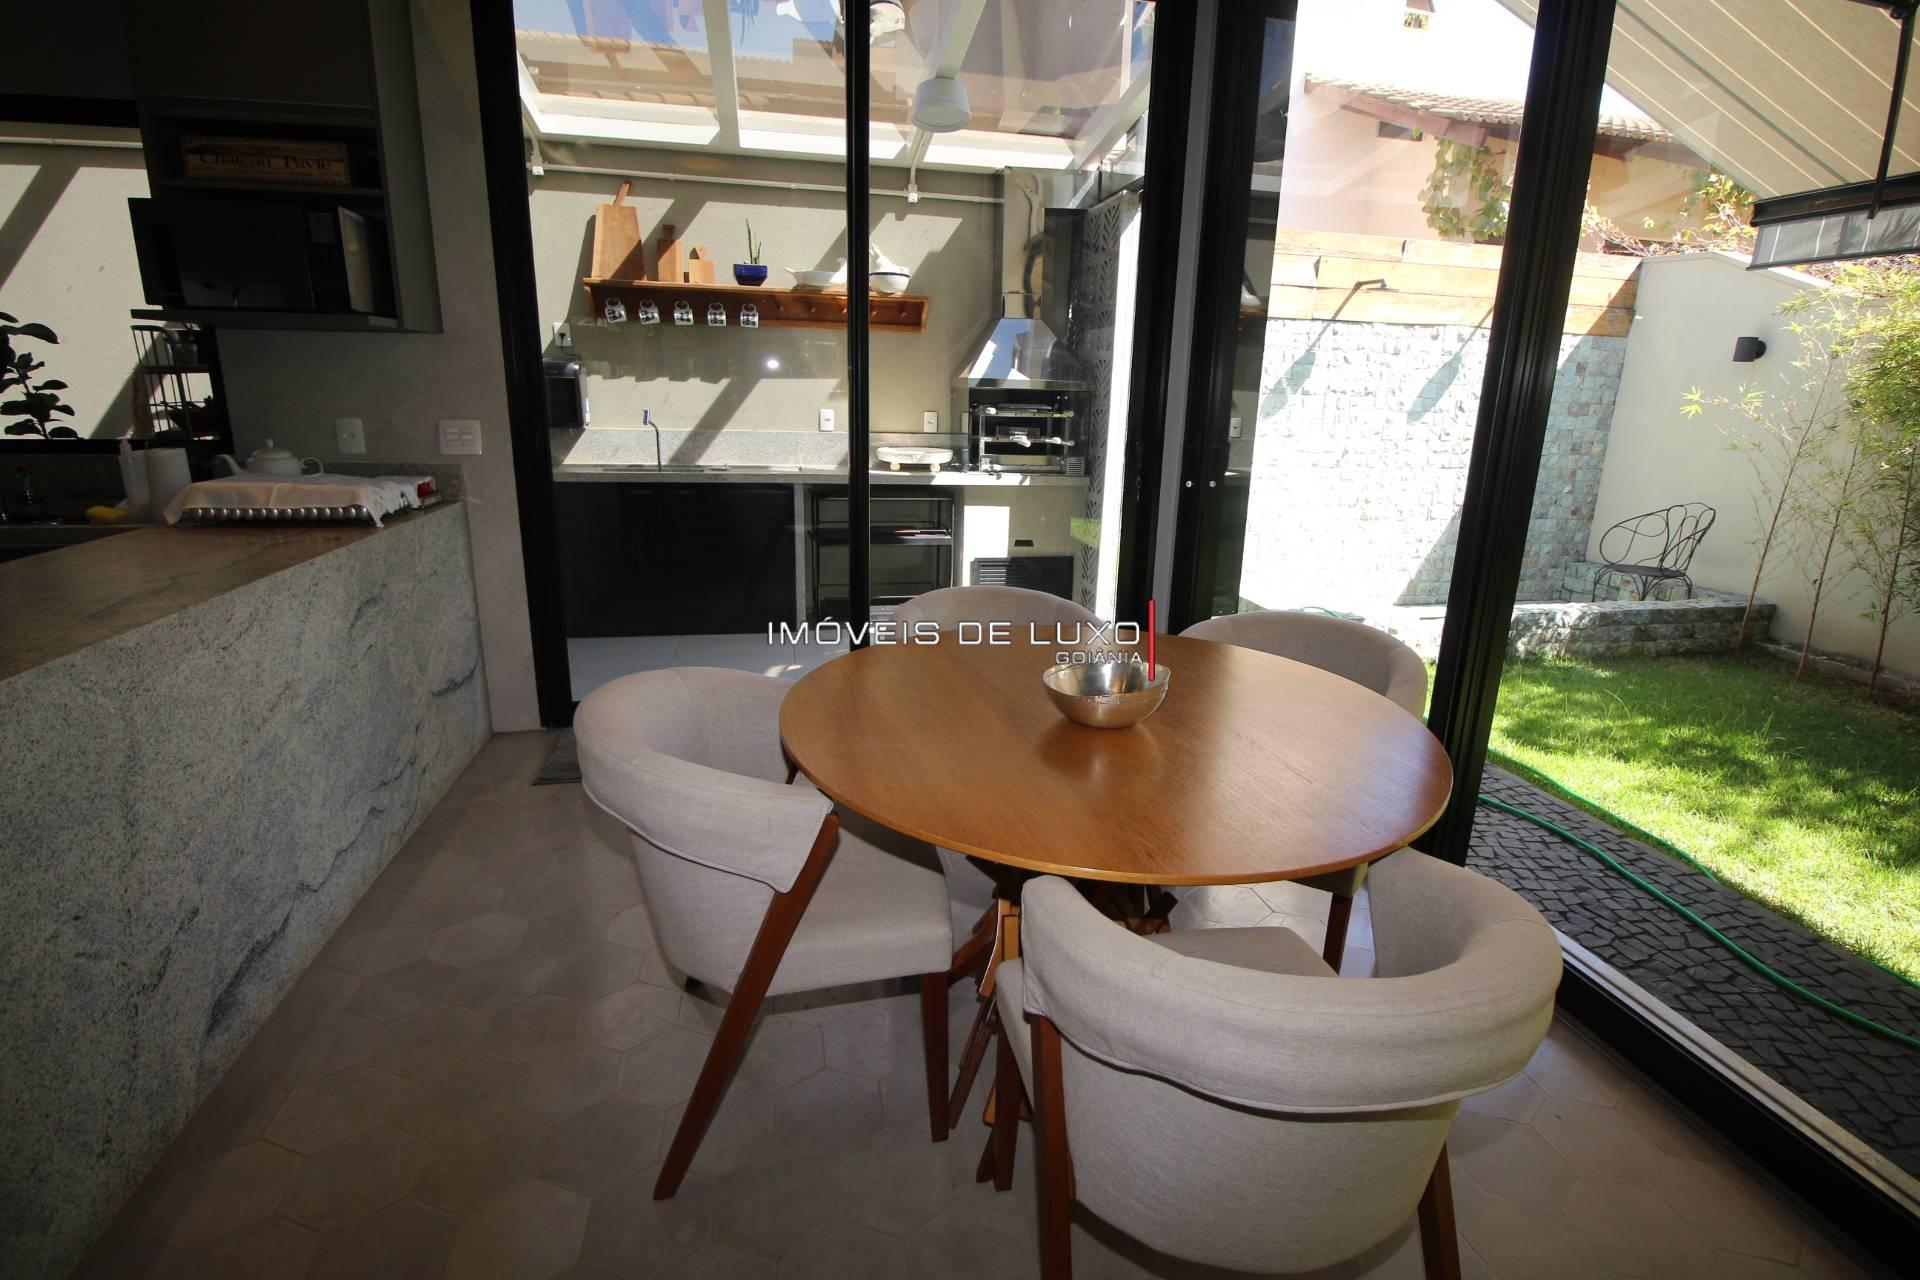 Imóveis de Luxo - Casa Térrea nova com 3 suítes no Jardins Florença